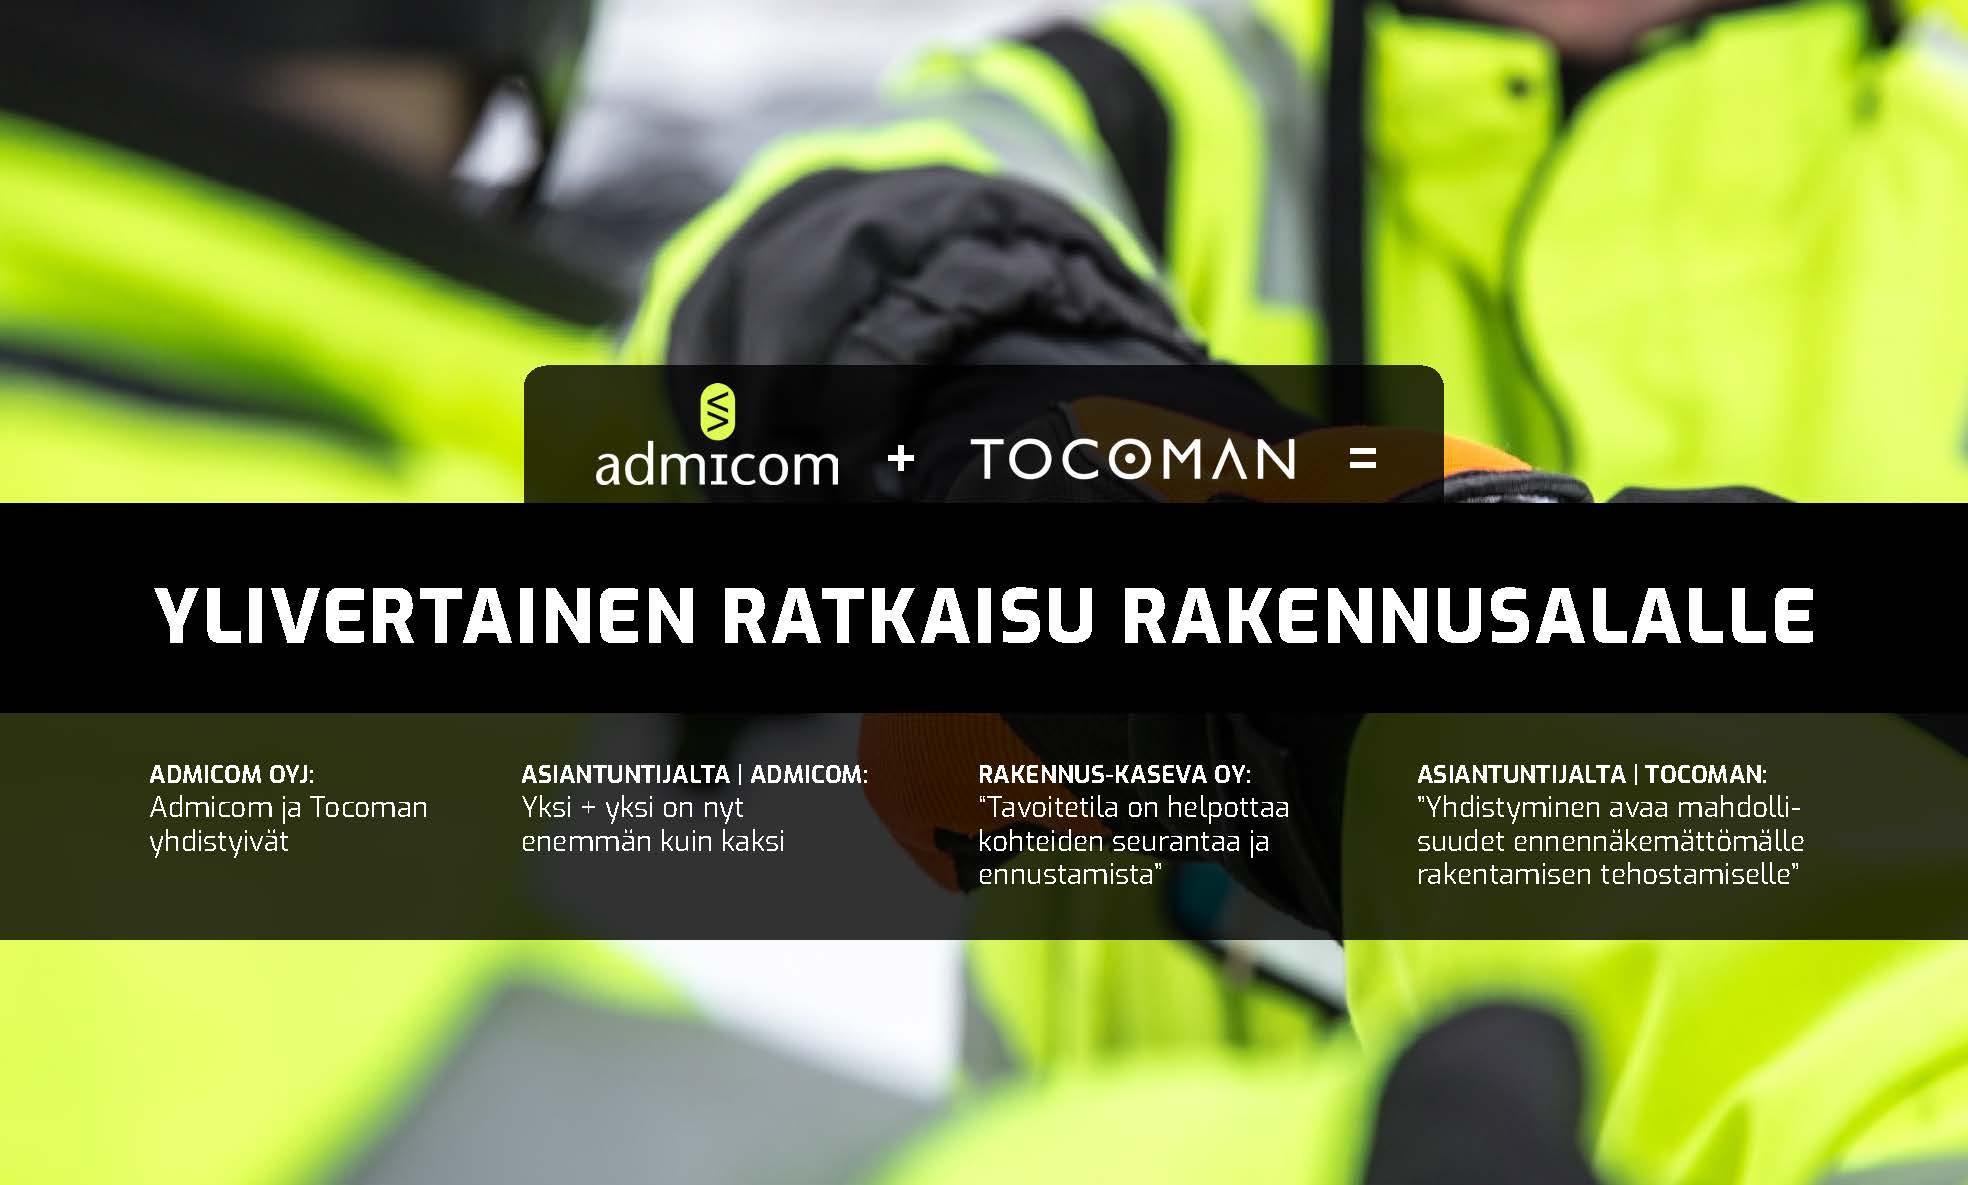 Admicom ja Tocoman - Ylivertainen ratkaisu rakennusalalle - kansi